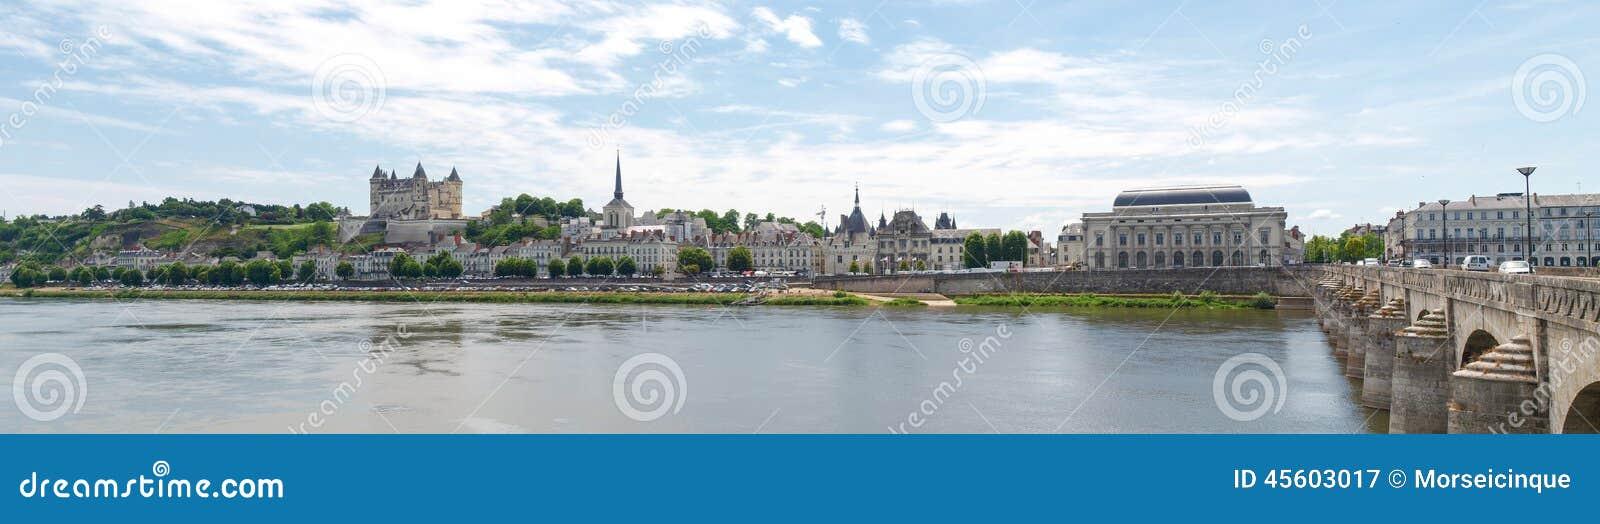 Ville de saumur stock photo image 45603017 for Piscine de saumur